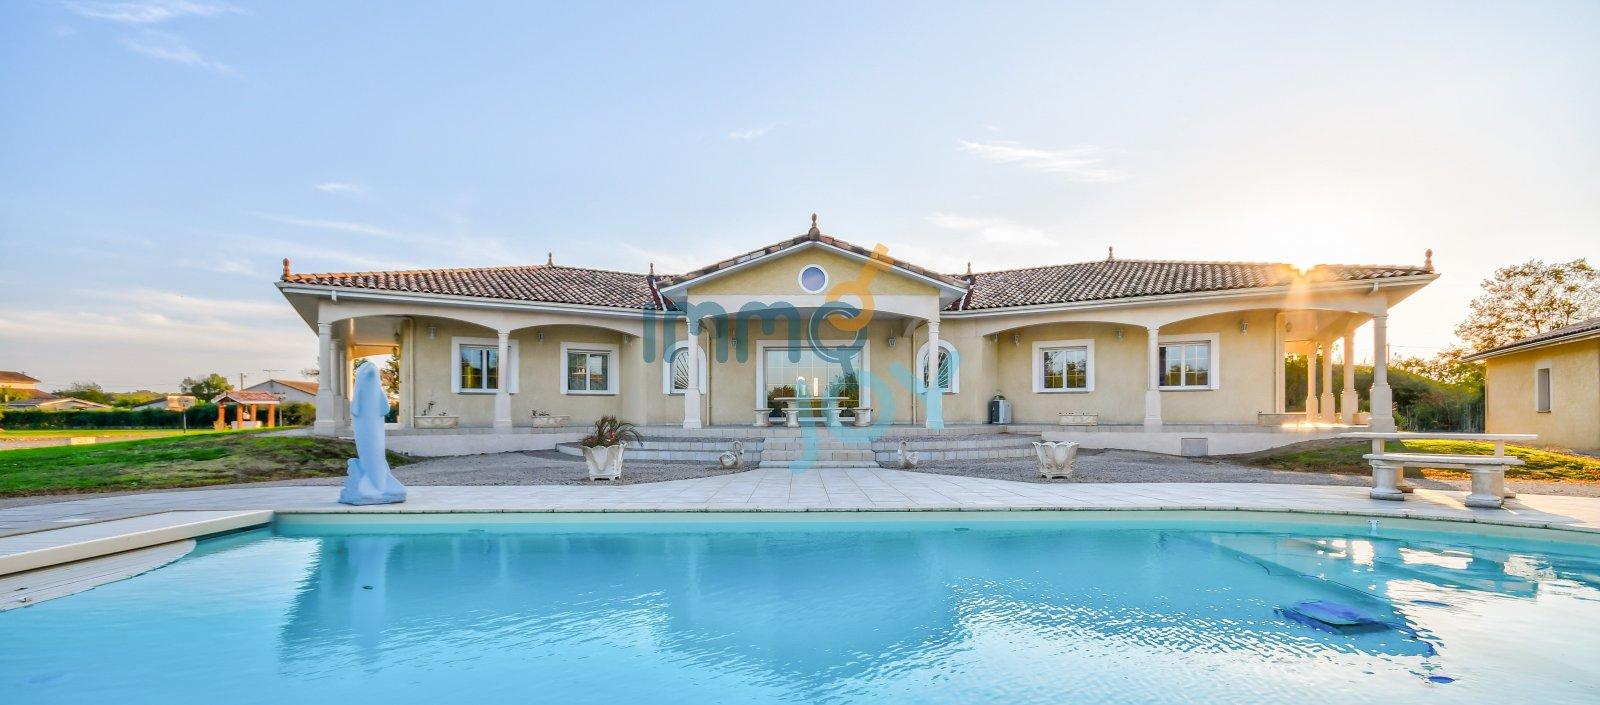 Vente Villa T7, 280 M², Sur Un Terrain De 11 000 M², Piscine ... à Piscine Carbonne